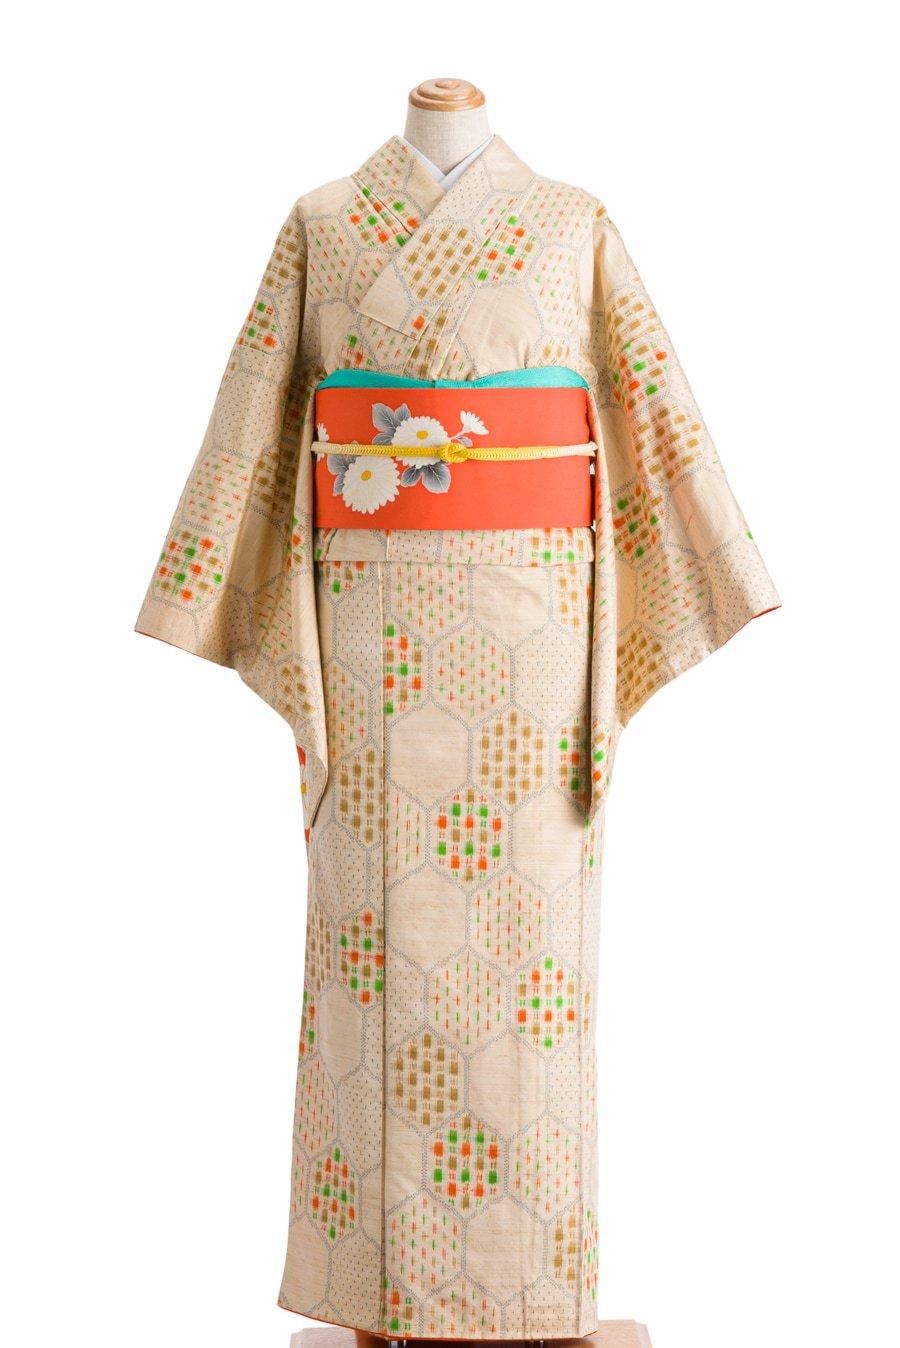 「紬 亀甲にグリーンやオレンジのドット」の商品画像